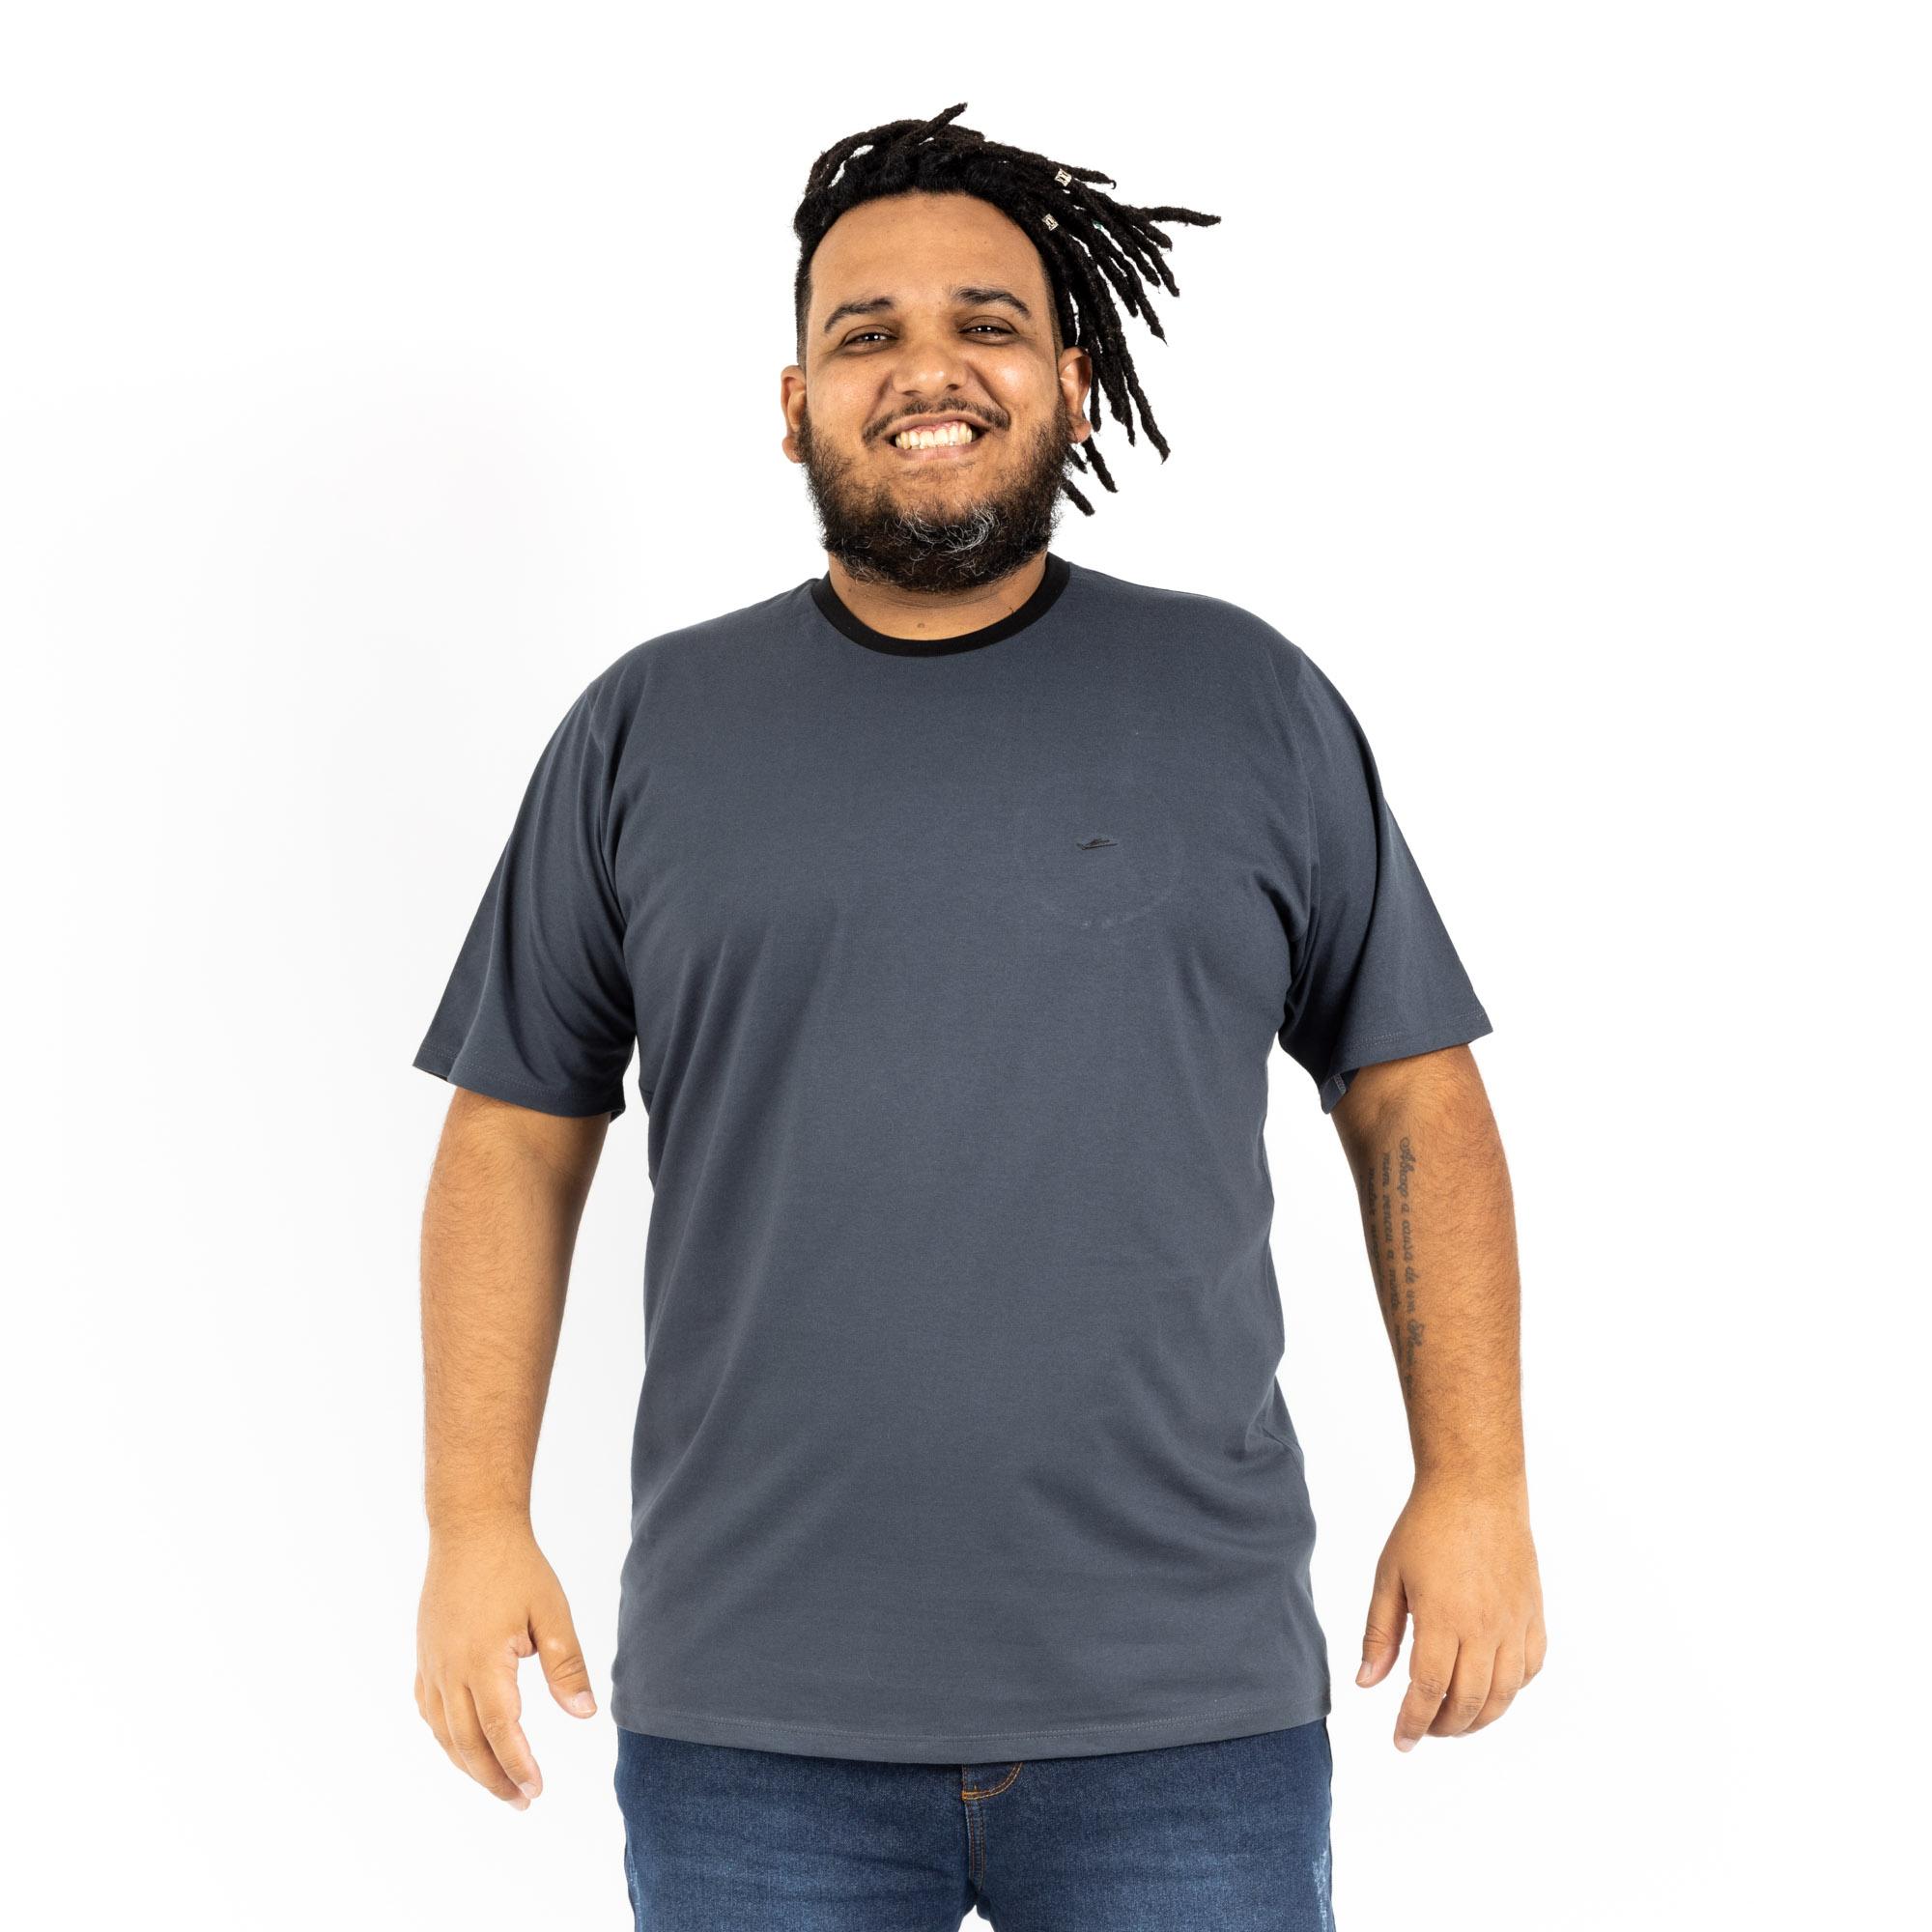 Camiseta Plus Size Gola Careca